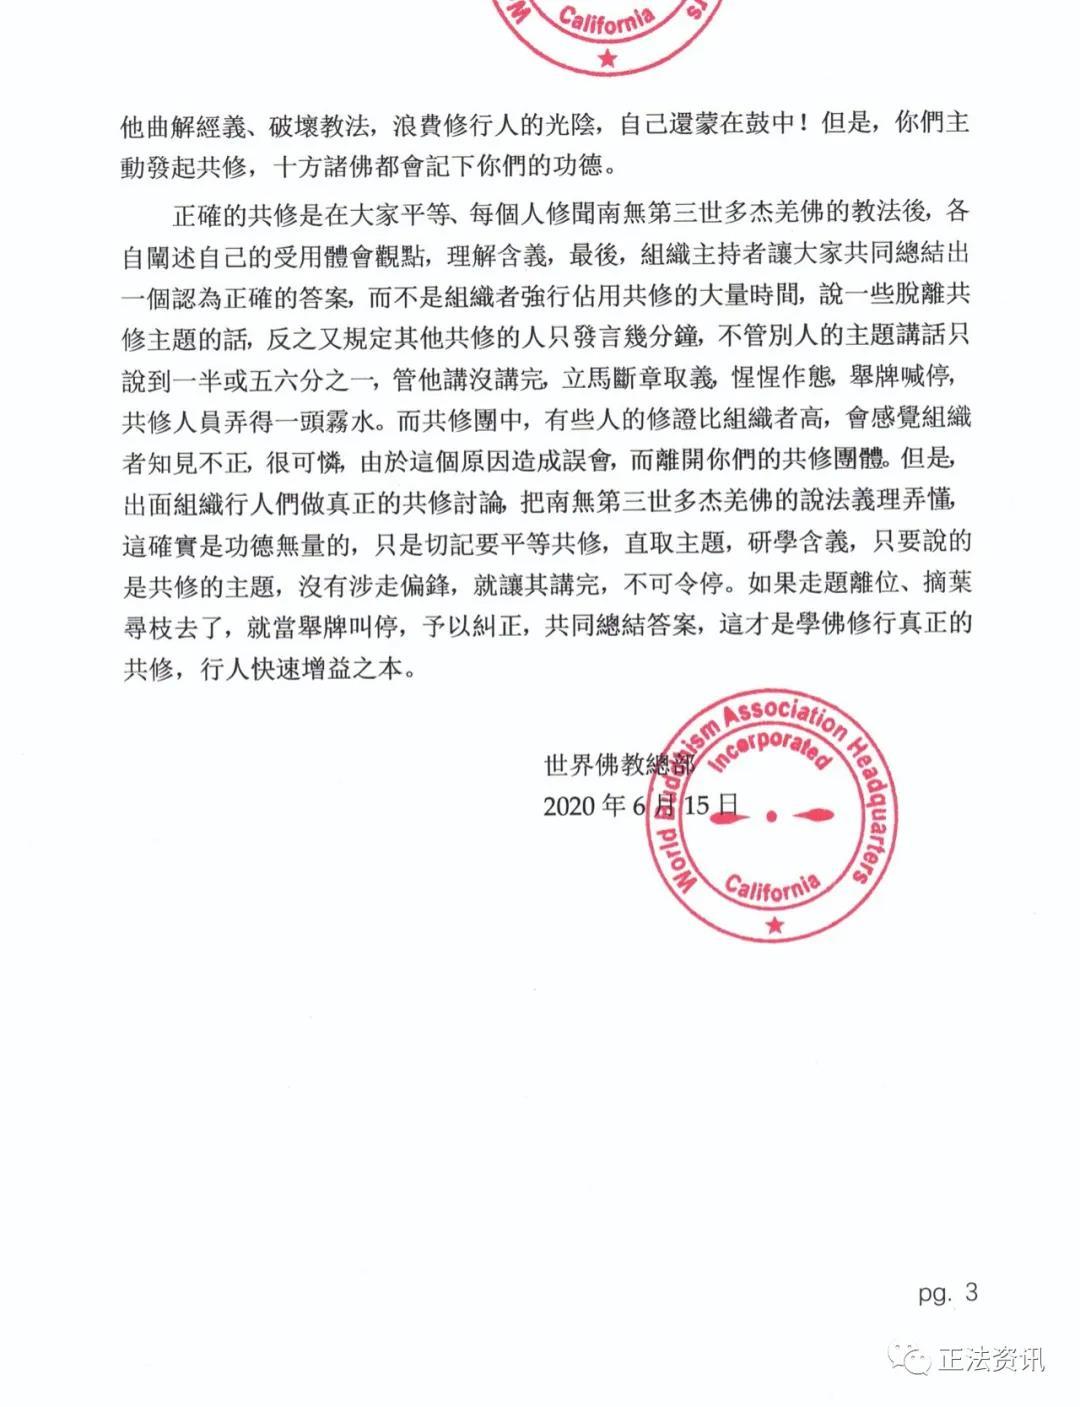 世界佛教总部公告(公告字第20200102号)- 正确的共修 第3张